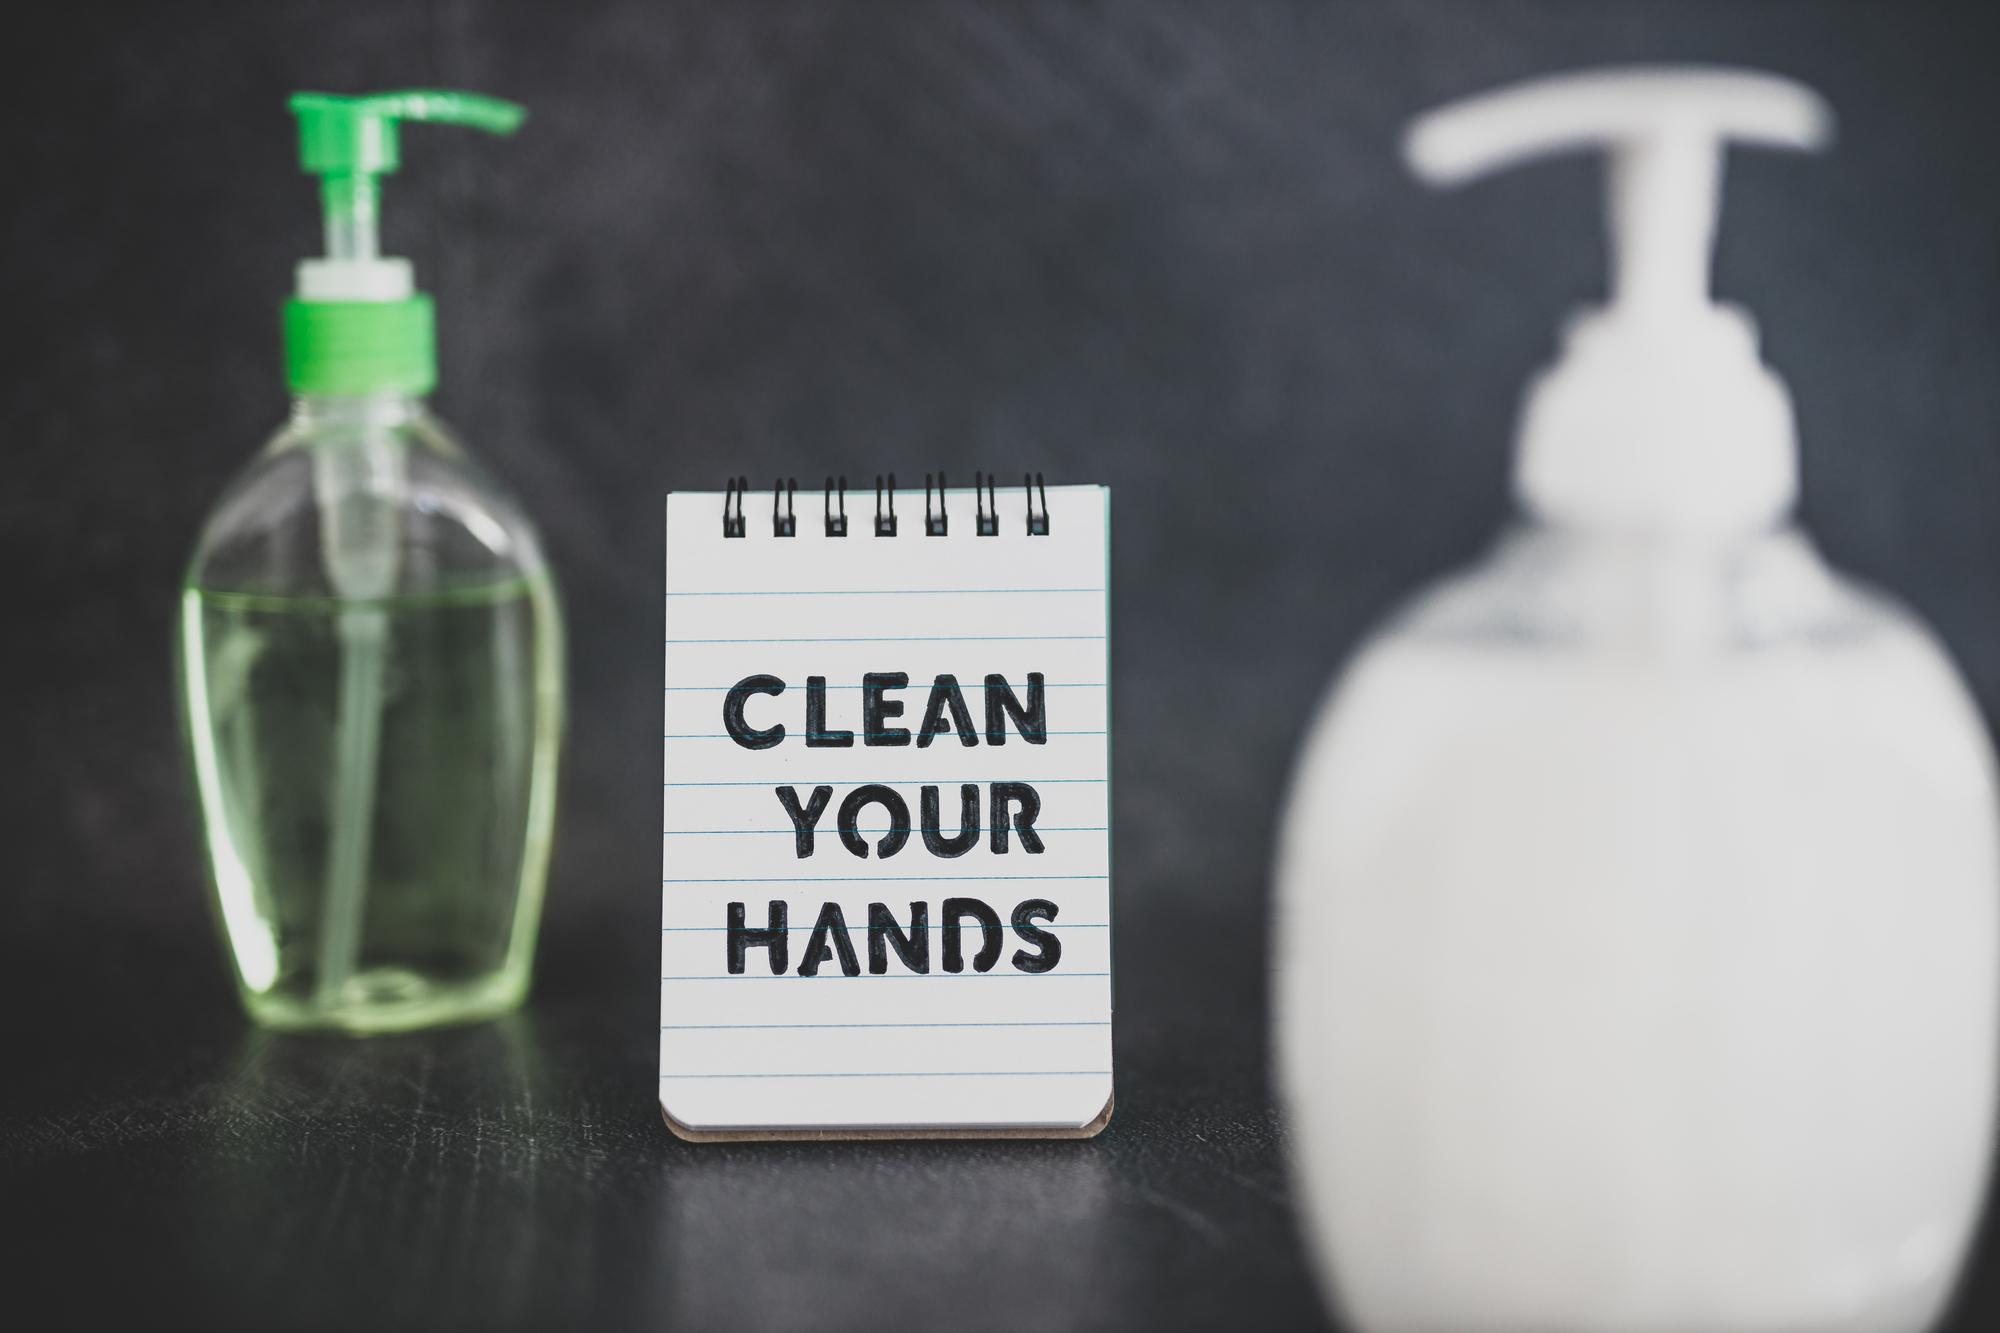 Как приготовить антисептик в домашних условиях: рекомендации ВОЗ